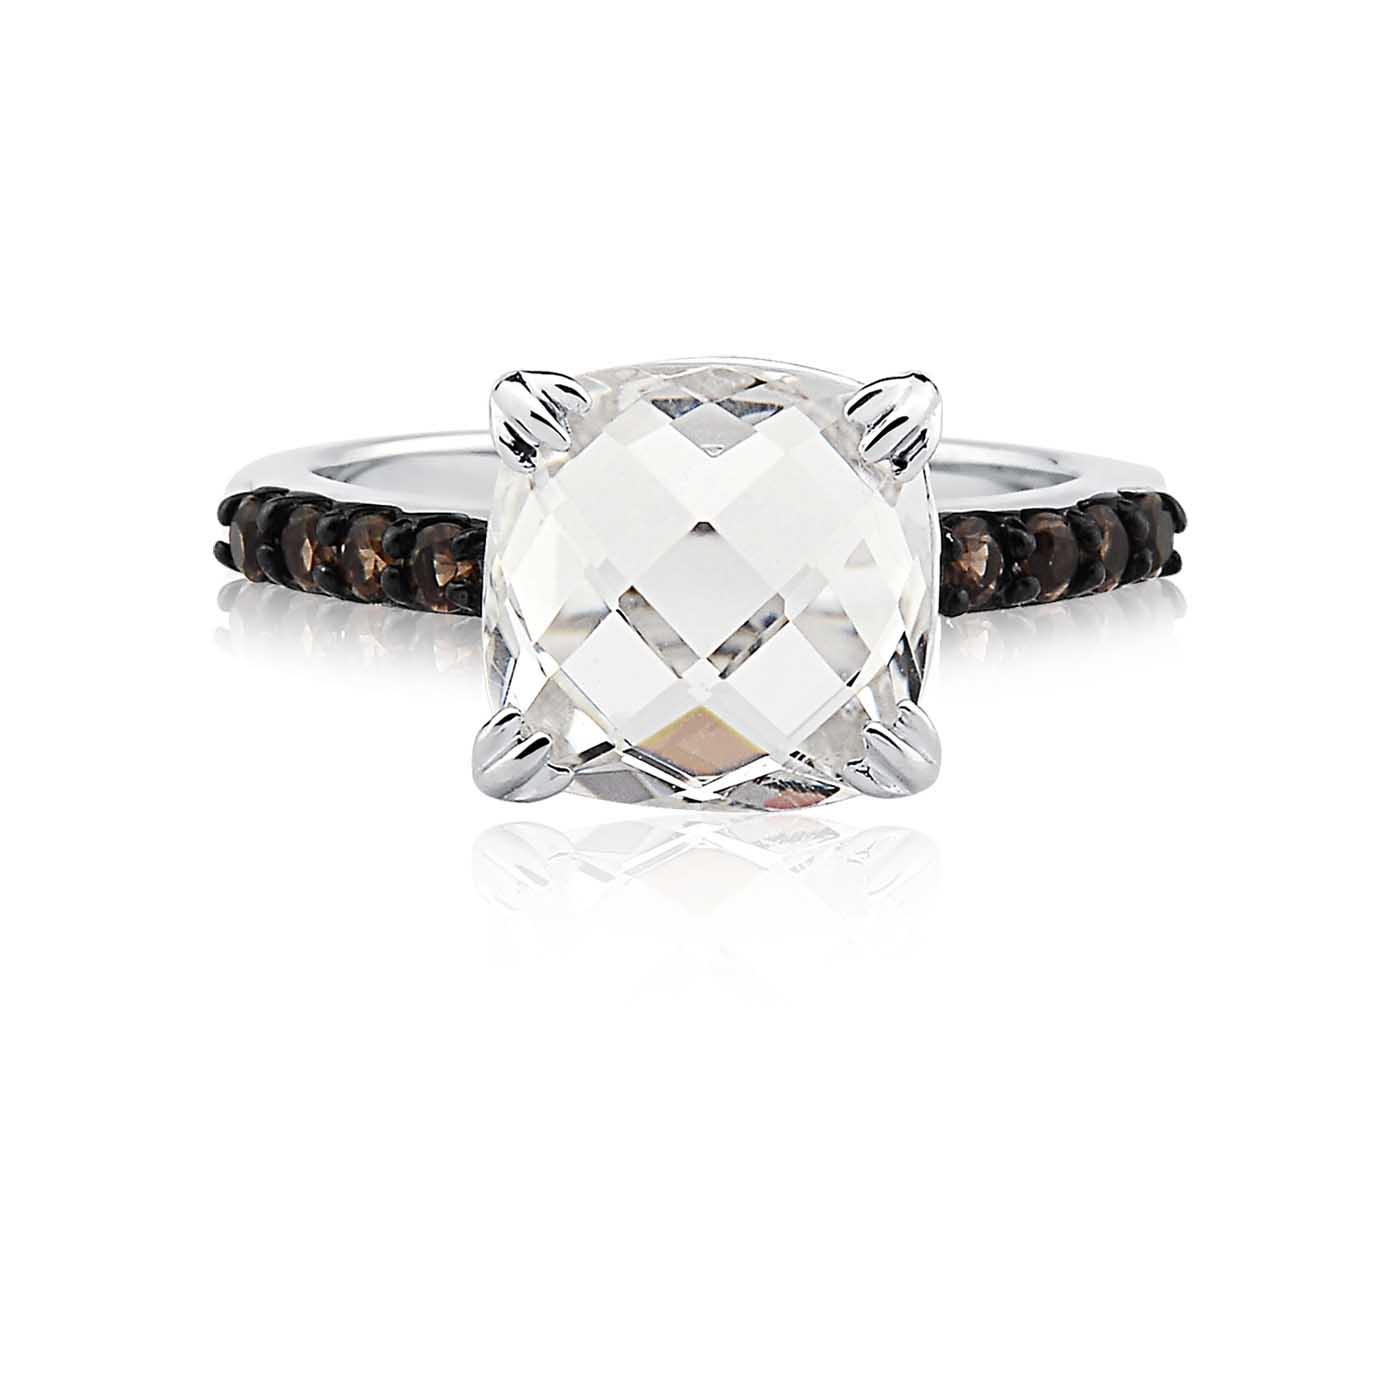 Anel Prata Quartzo e Cristal - Colecao Stones Prata White c216e38ce5